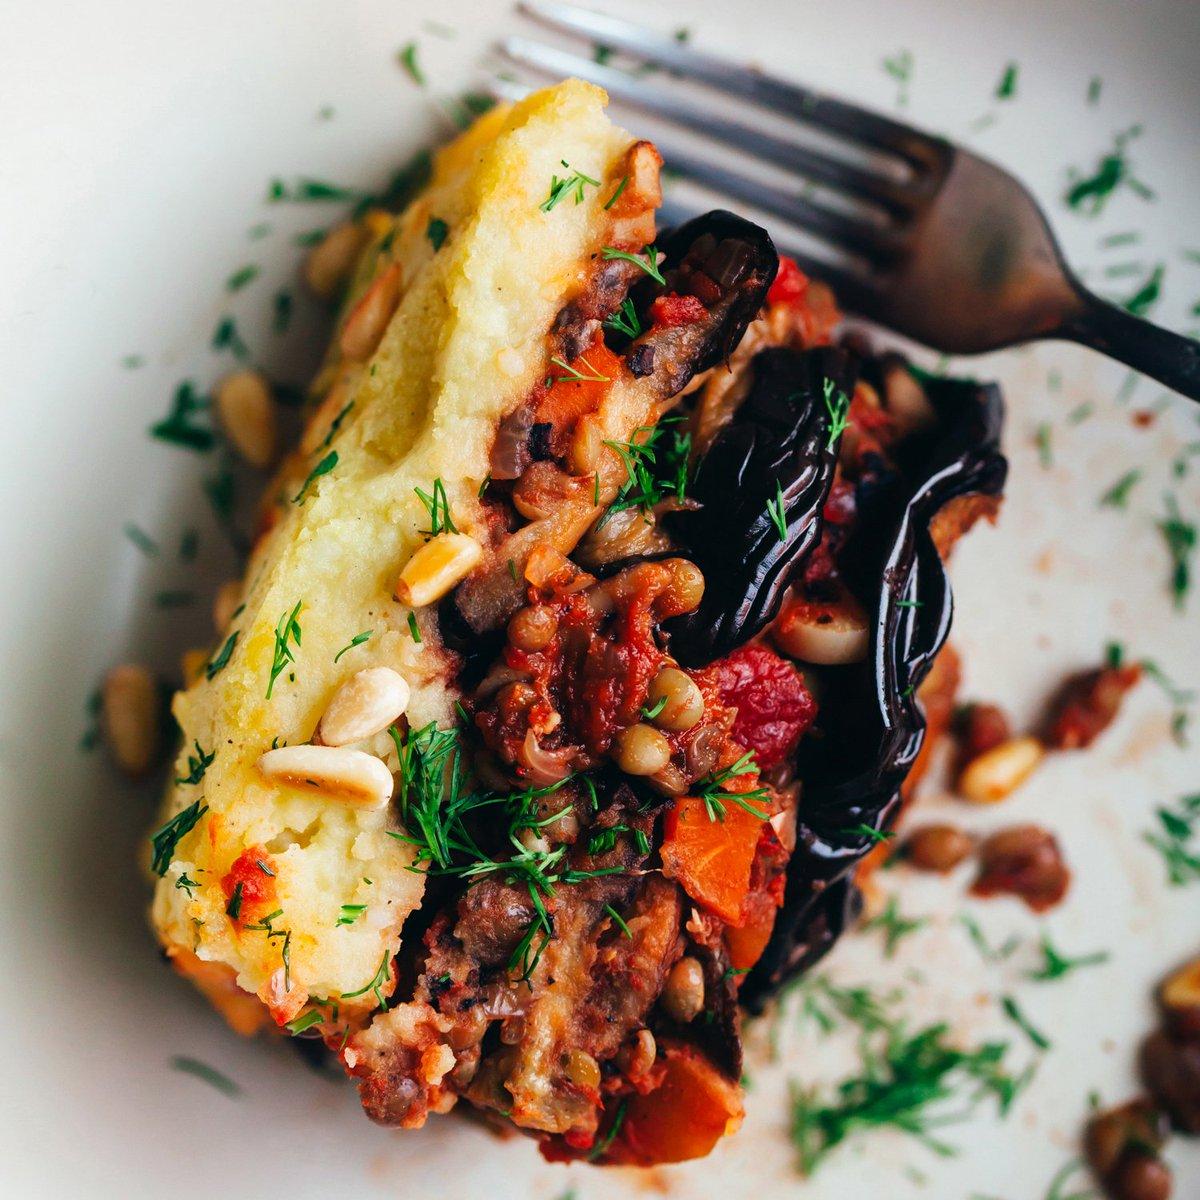 Golubka Kitchen On Twitter There S A Vegan Lentil Moussaka